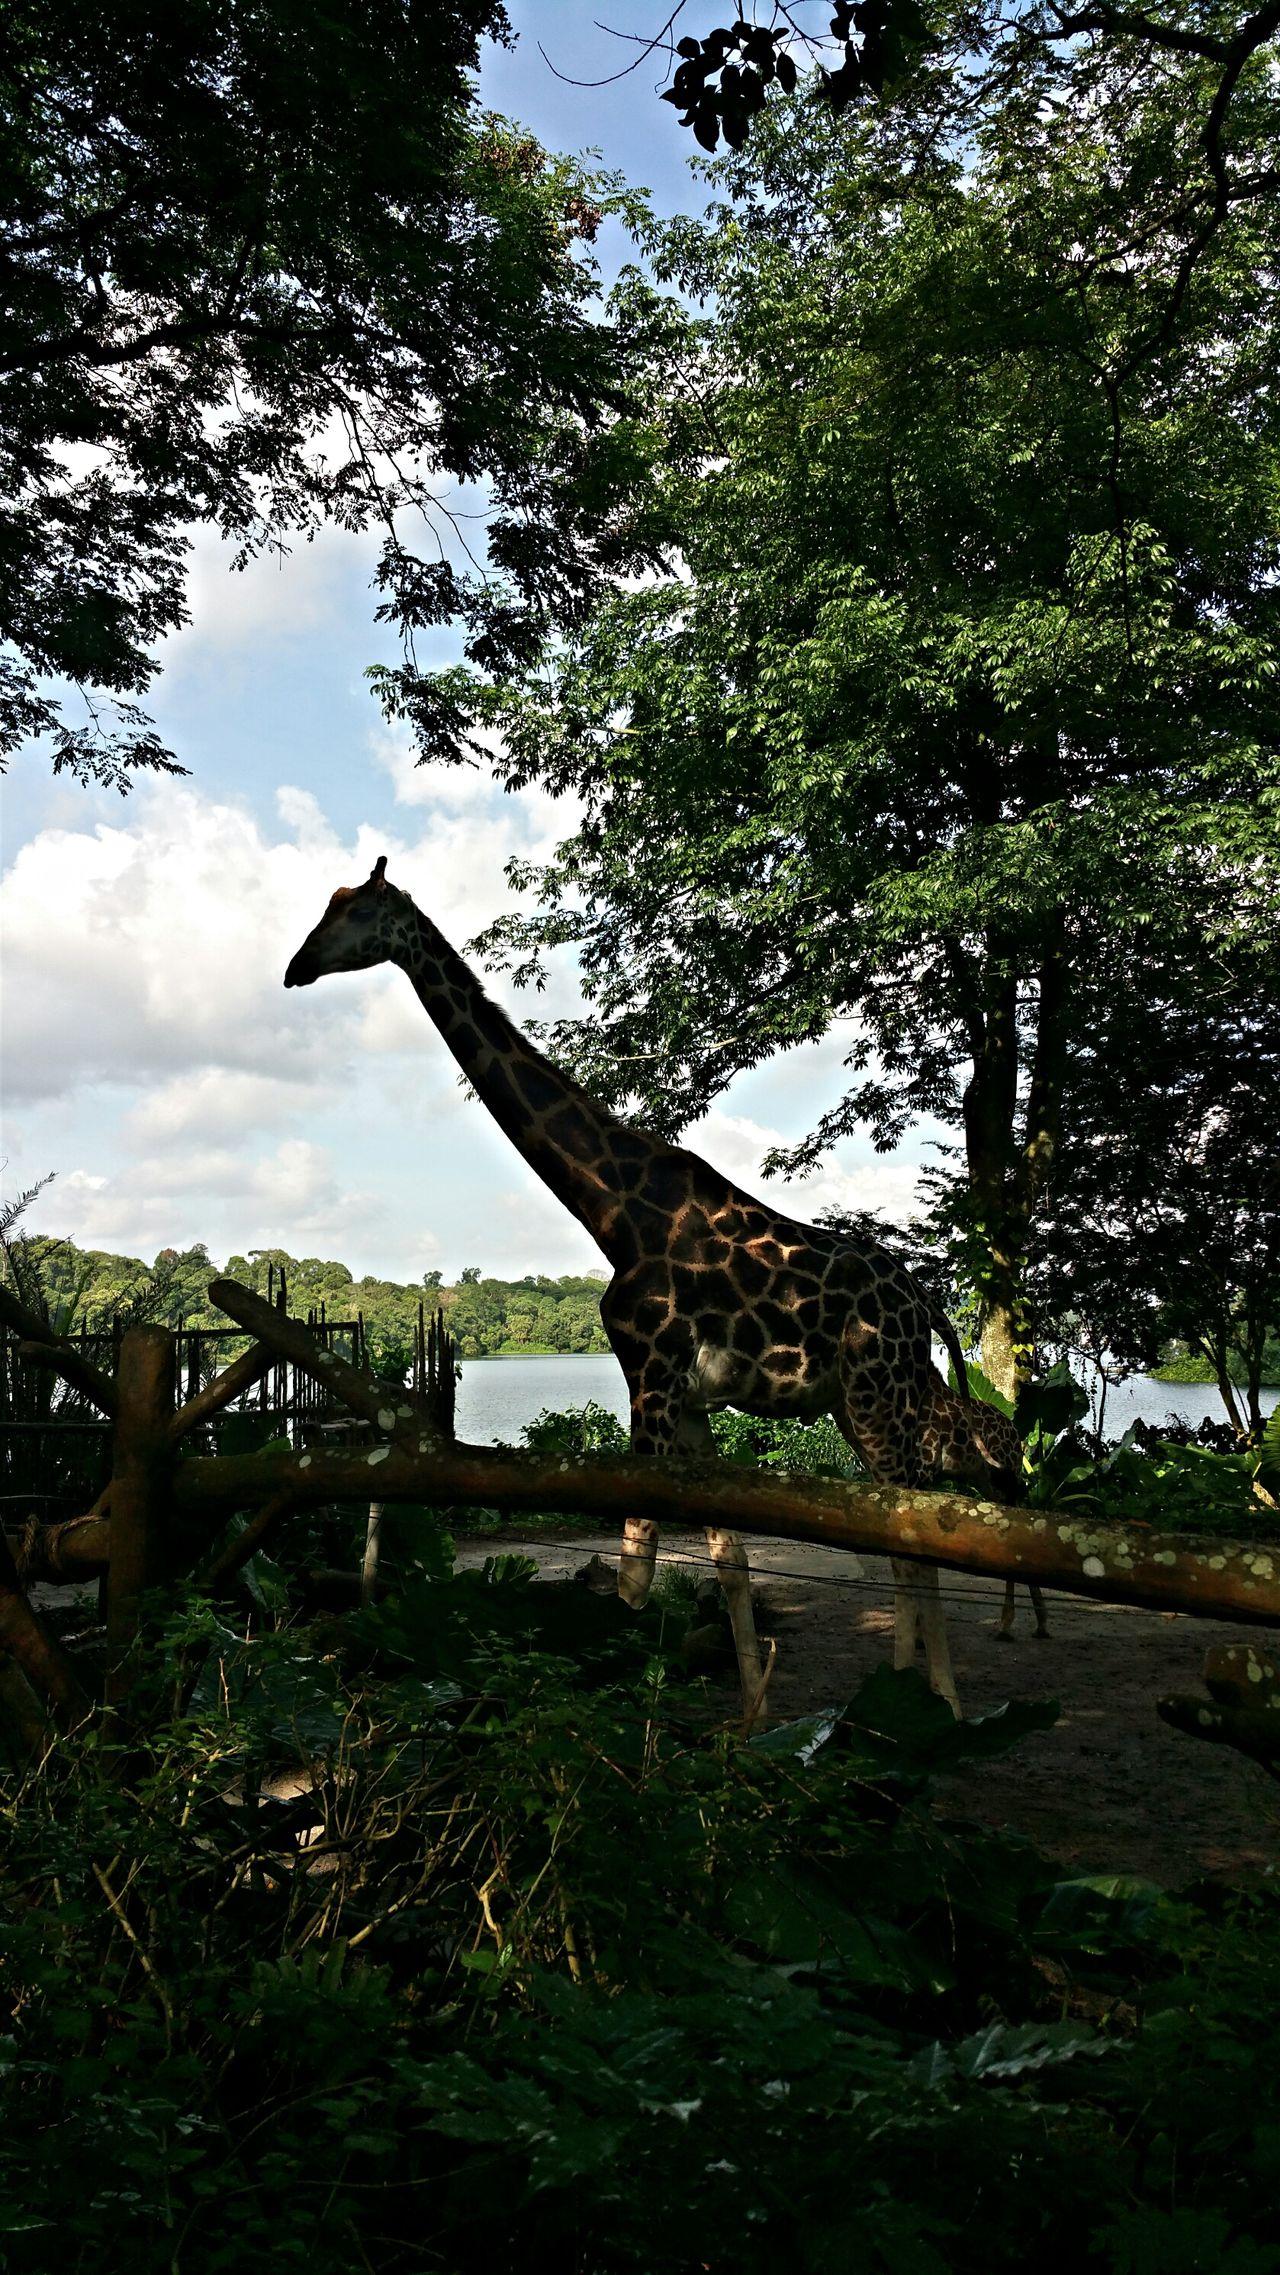 Randomshot Singapore Singapore Zoological Garden Taking Photos Animals